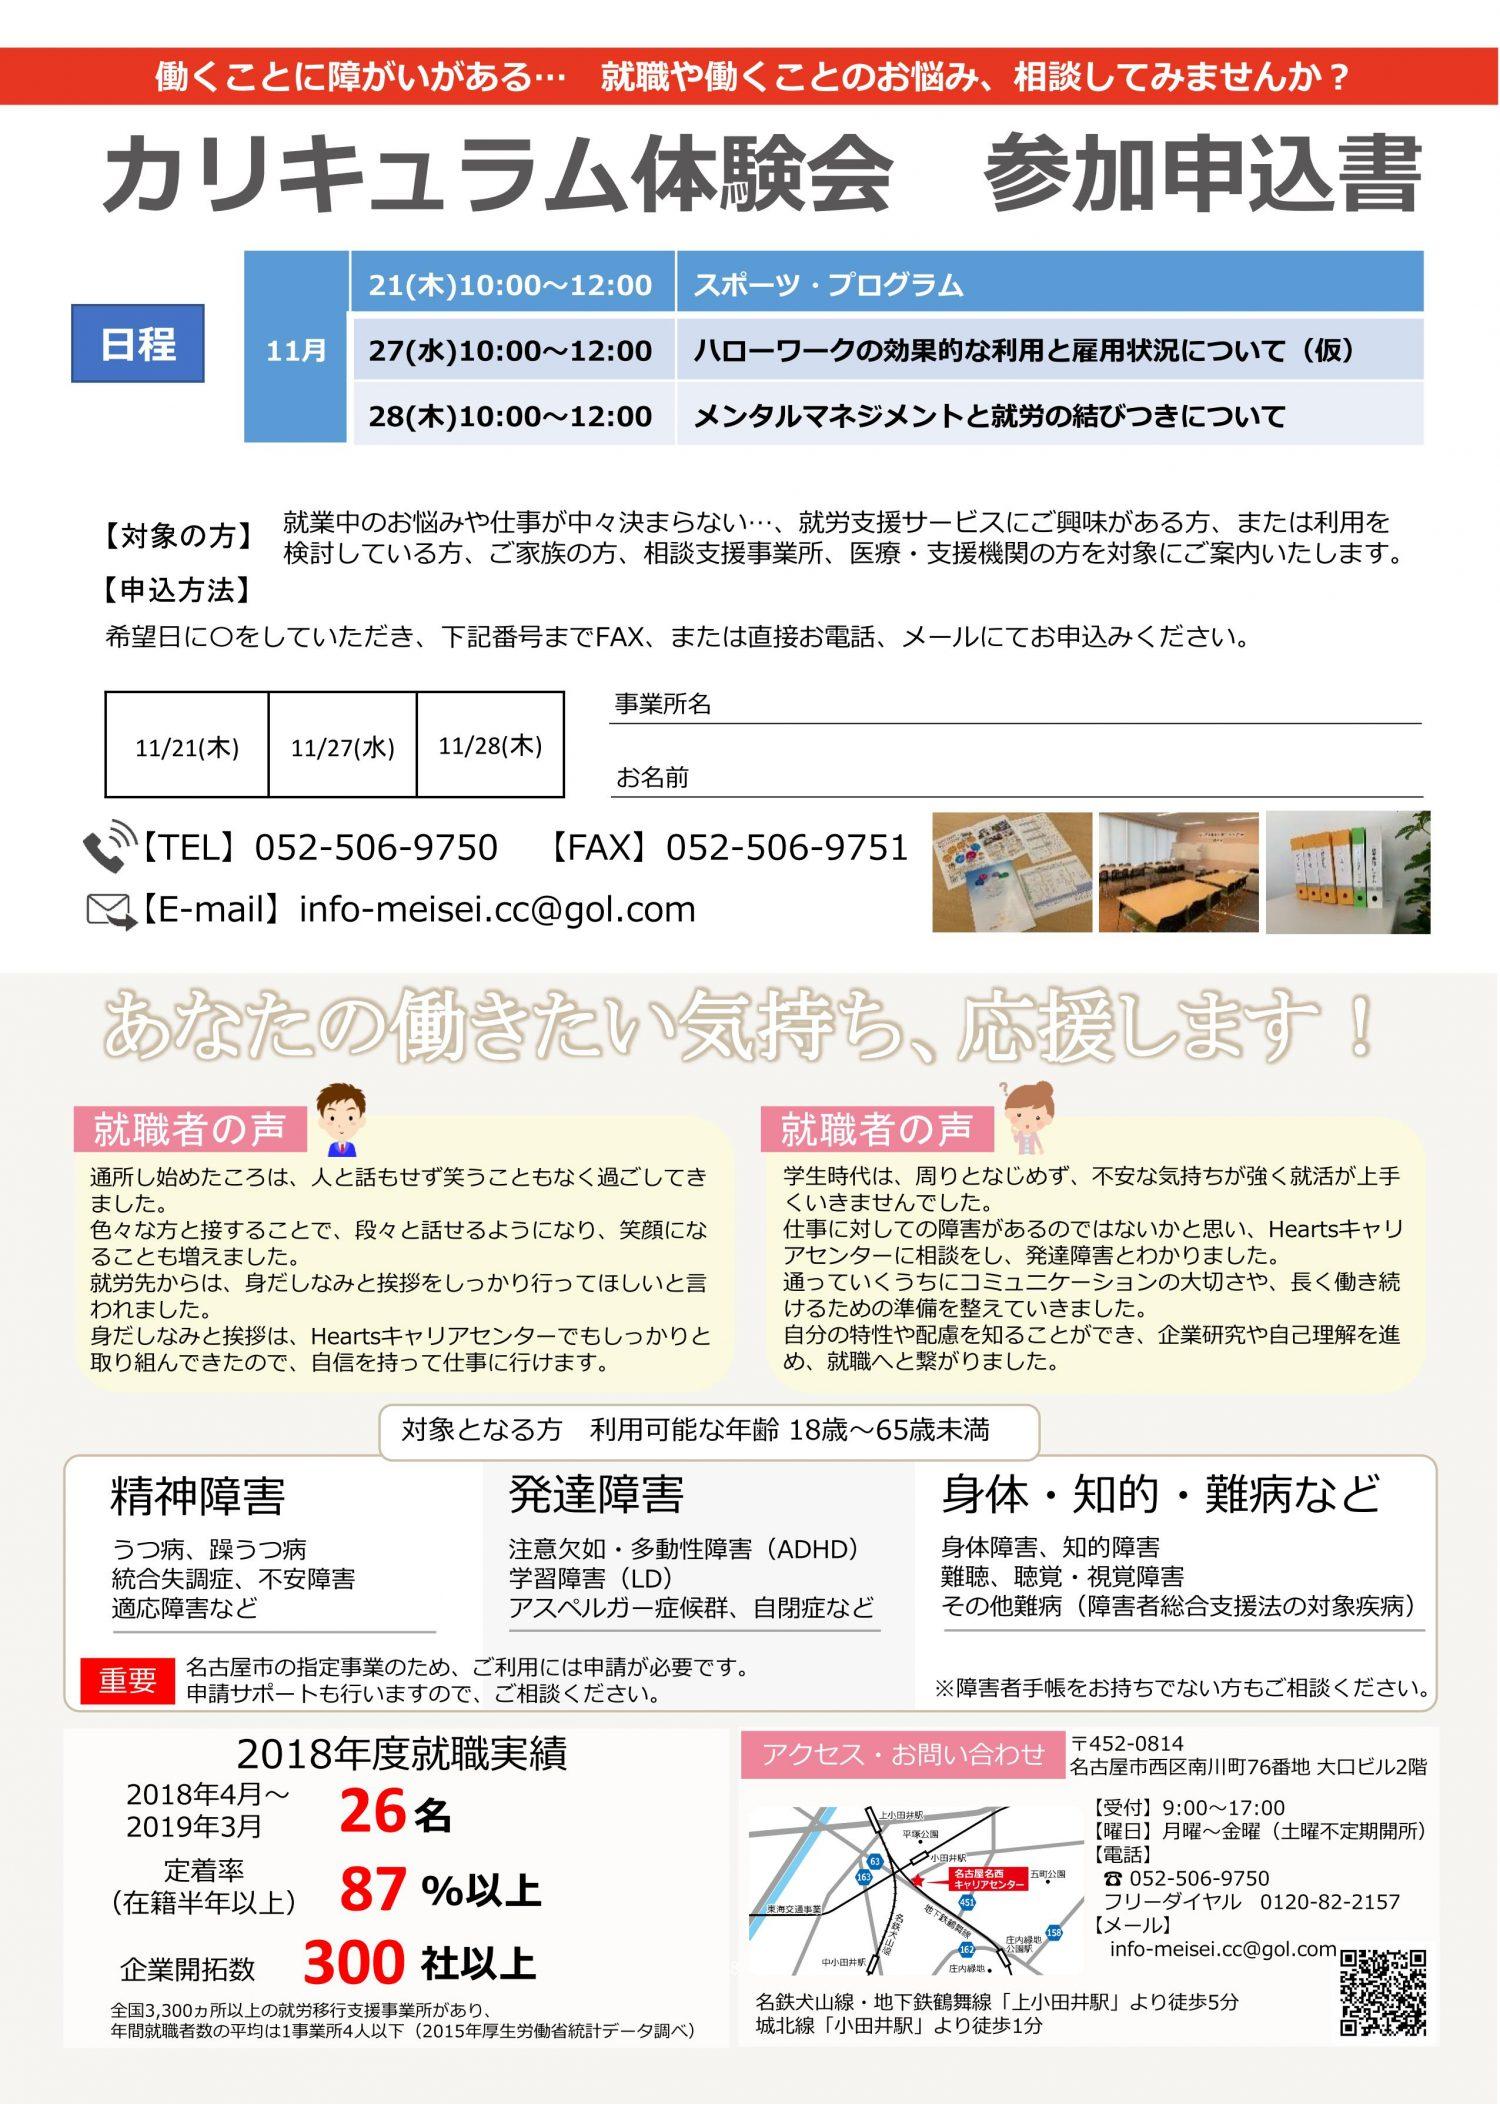 カリキュラム体験会【名古屋名西キャリアセンター】